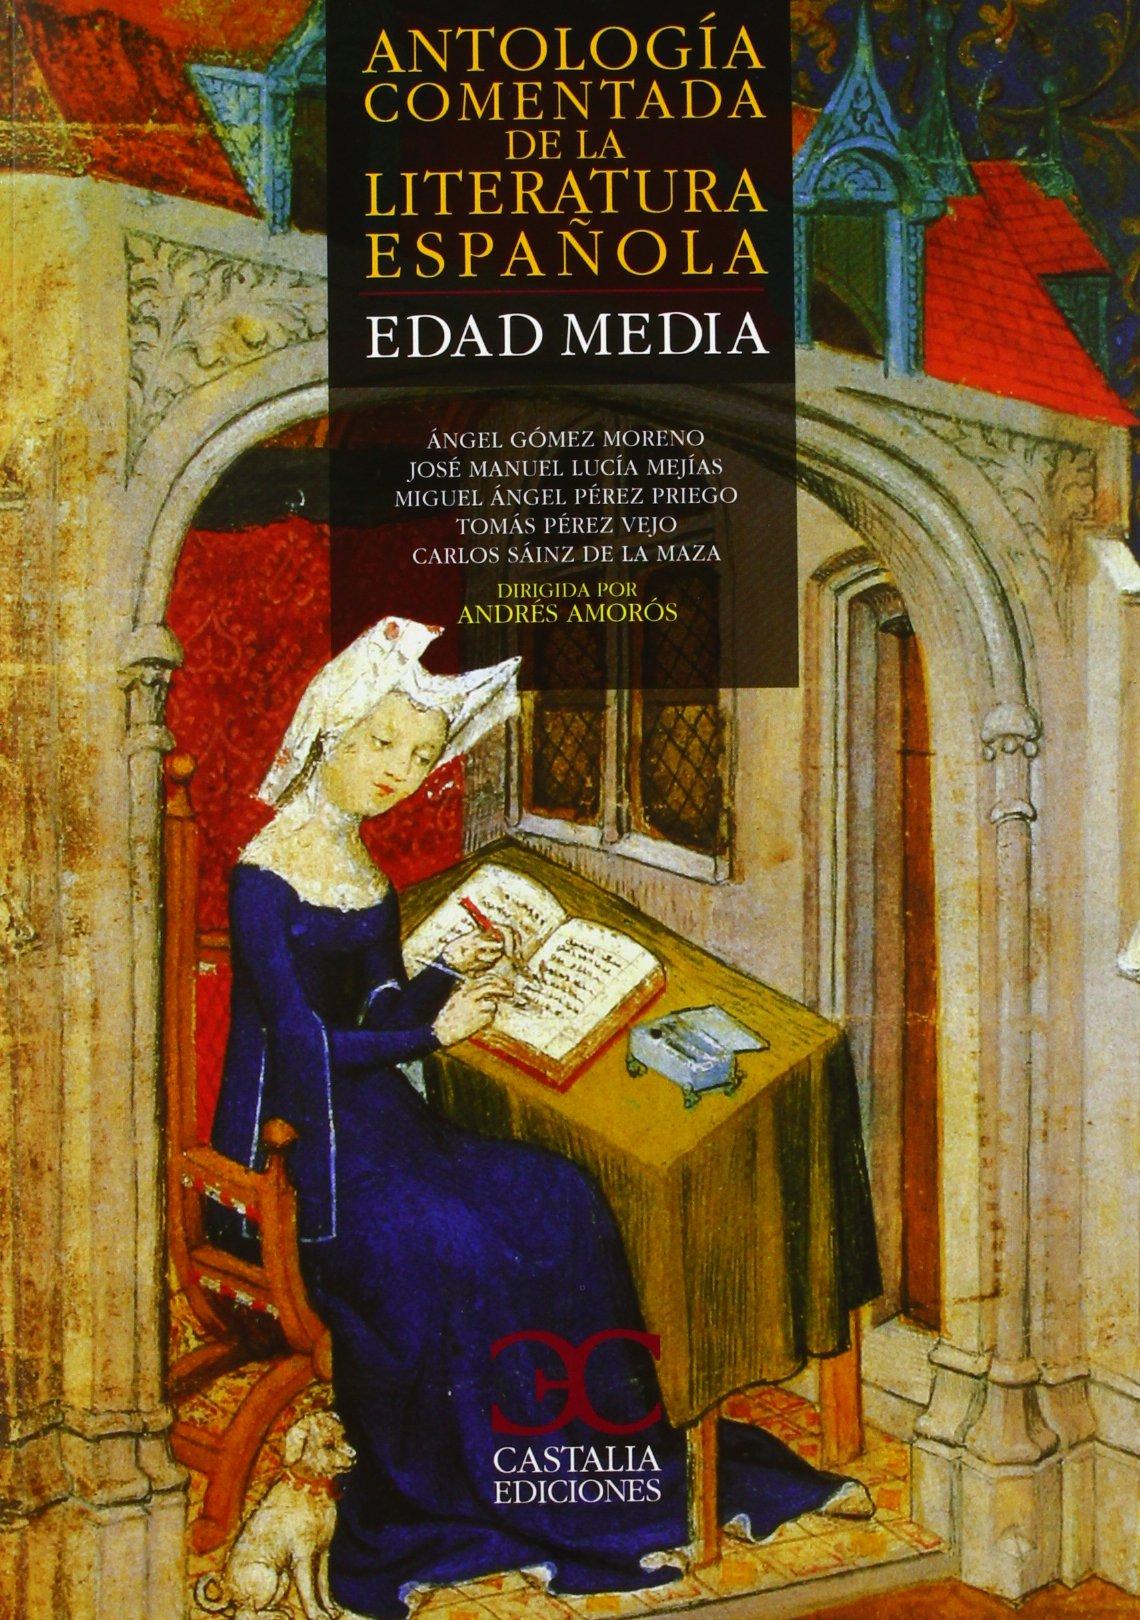 ANTOLOGIA COMENTADA DE LA LITERATURA ESPAÑOLA EDAD MEDIA: Amazon.es: A.A.V.V.: Libros